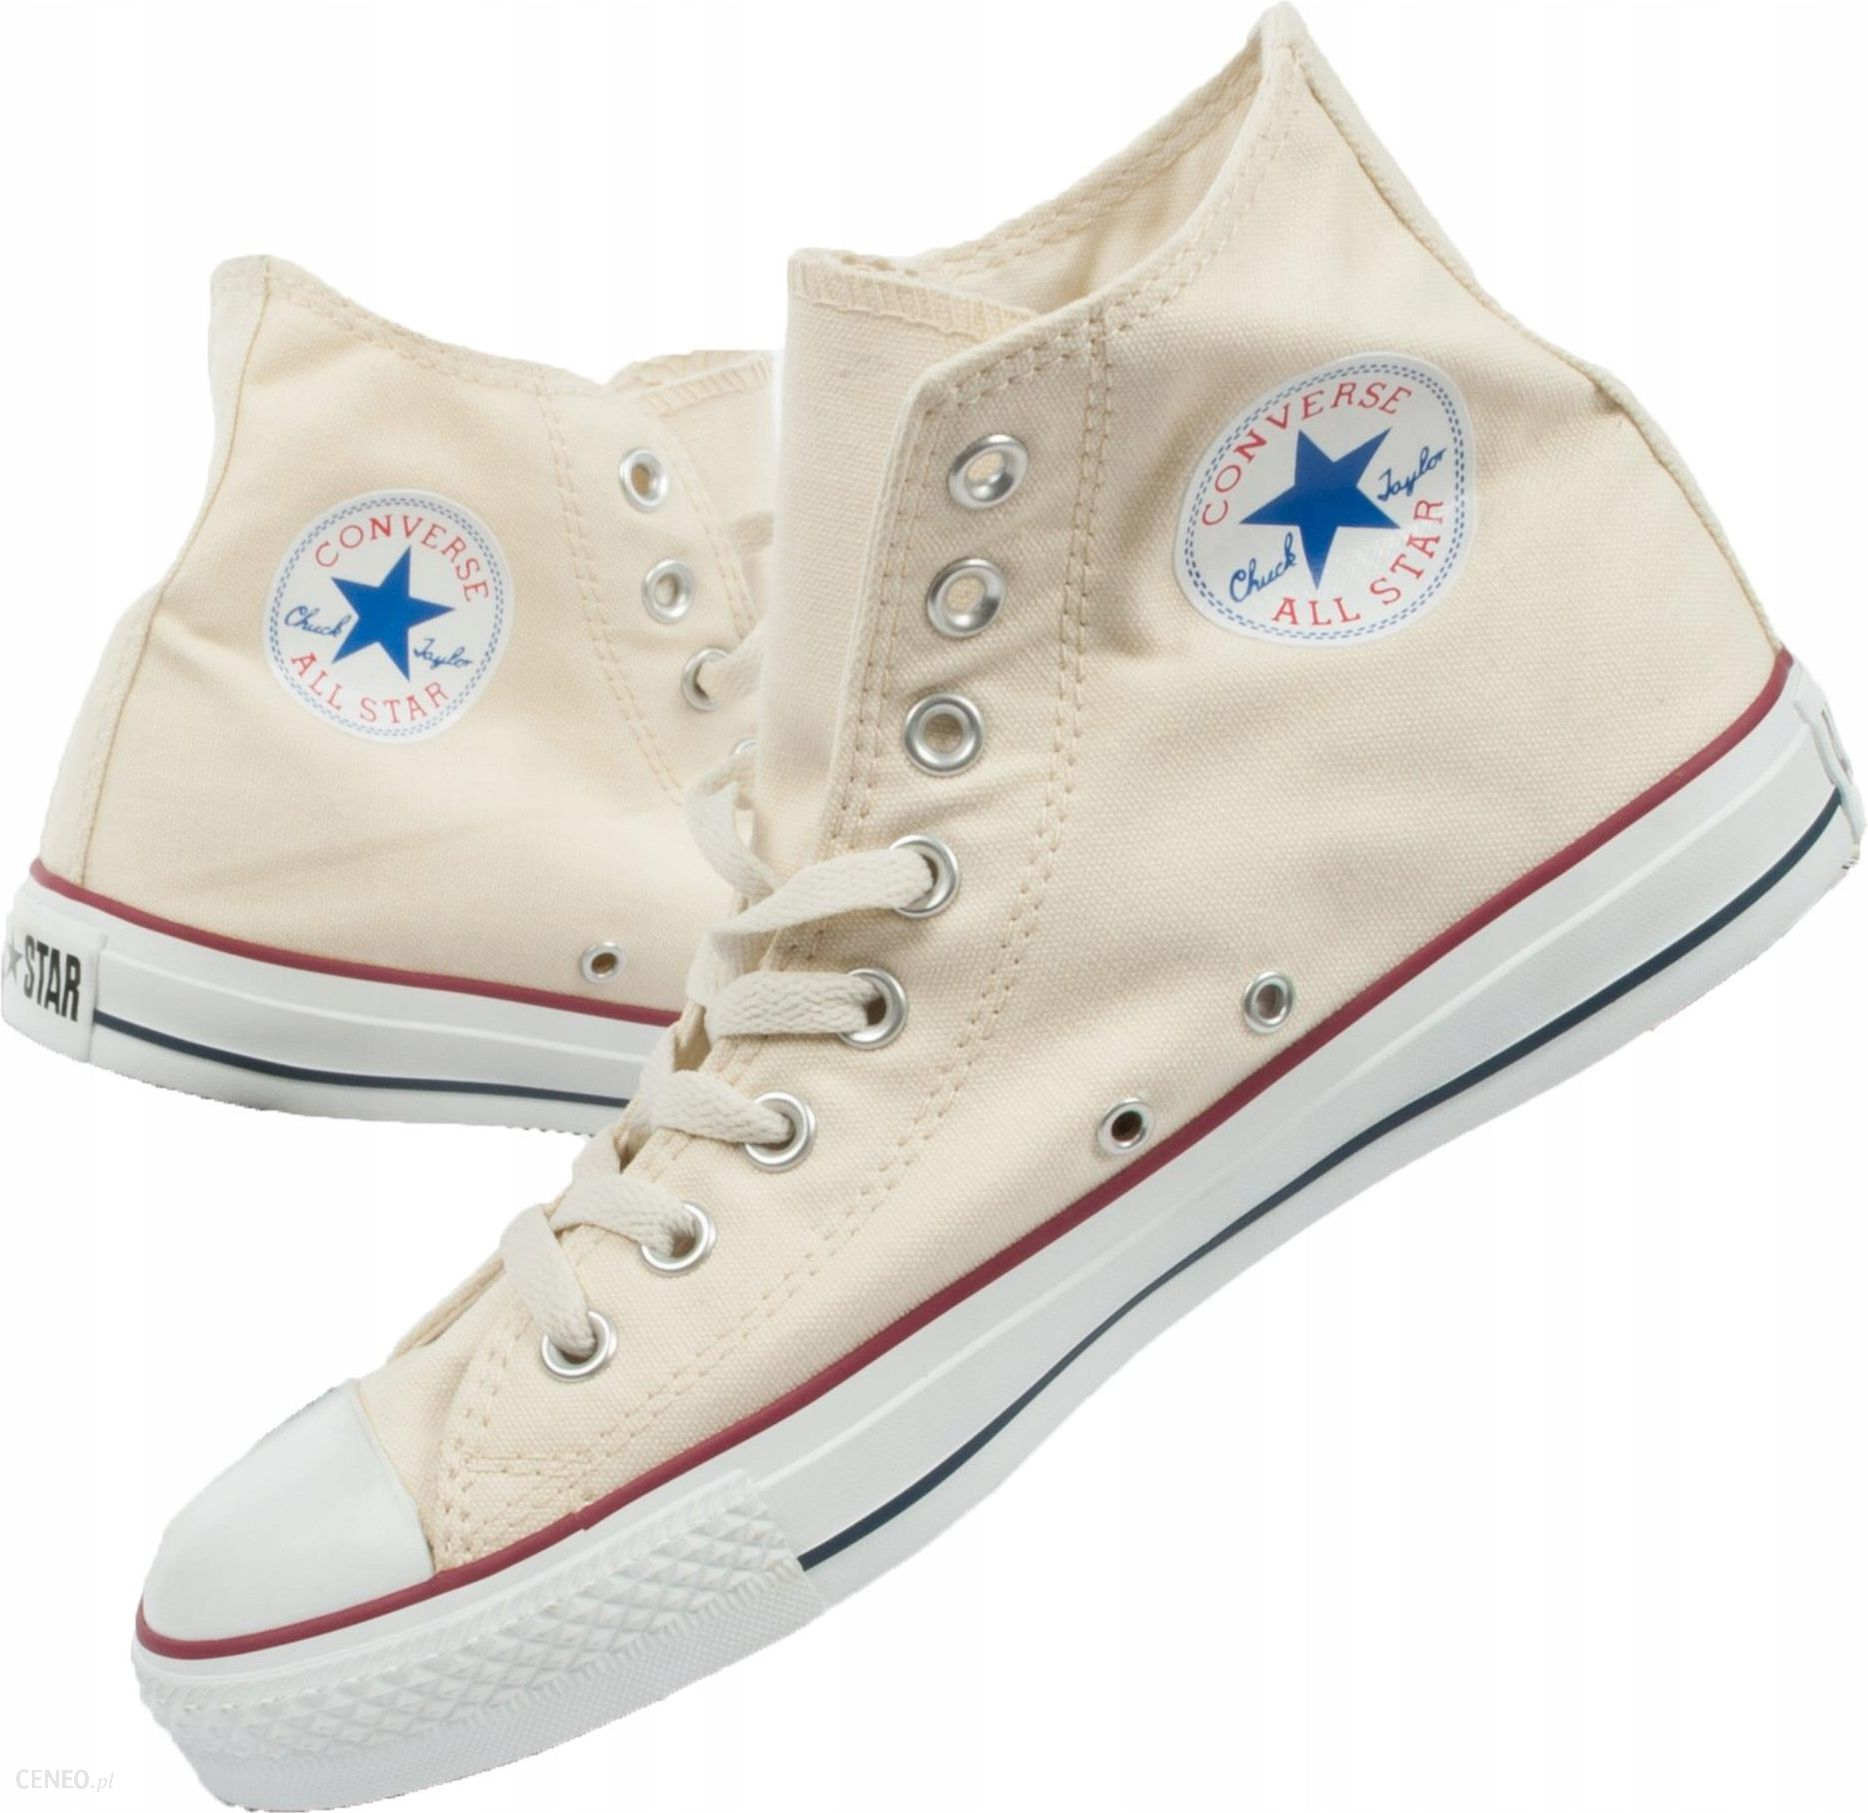 Converse Buty męskie Chuck Taylor All Star Pro białe r. 42 (159698C) ID produktu: 4571448